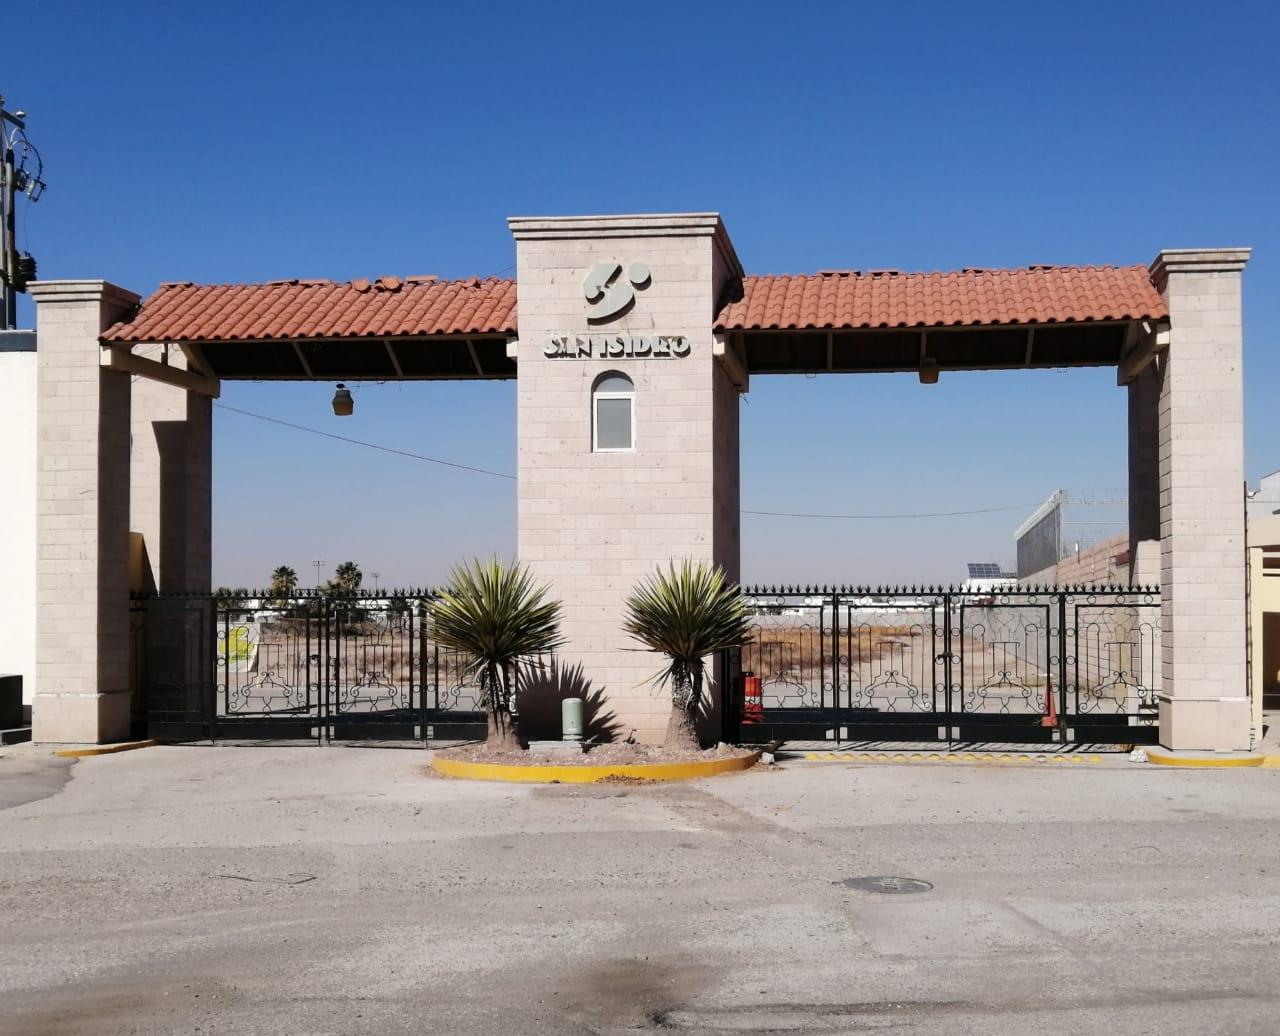 Club Nuevo San Isidro Hacienda El Rosario